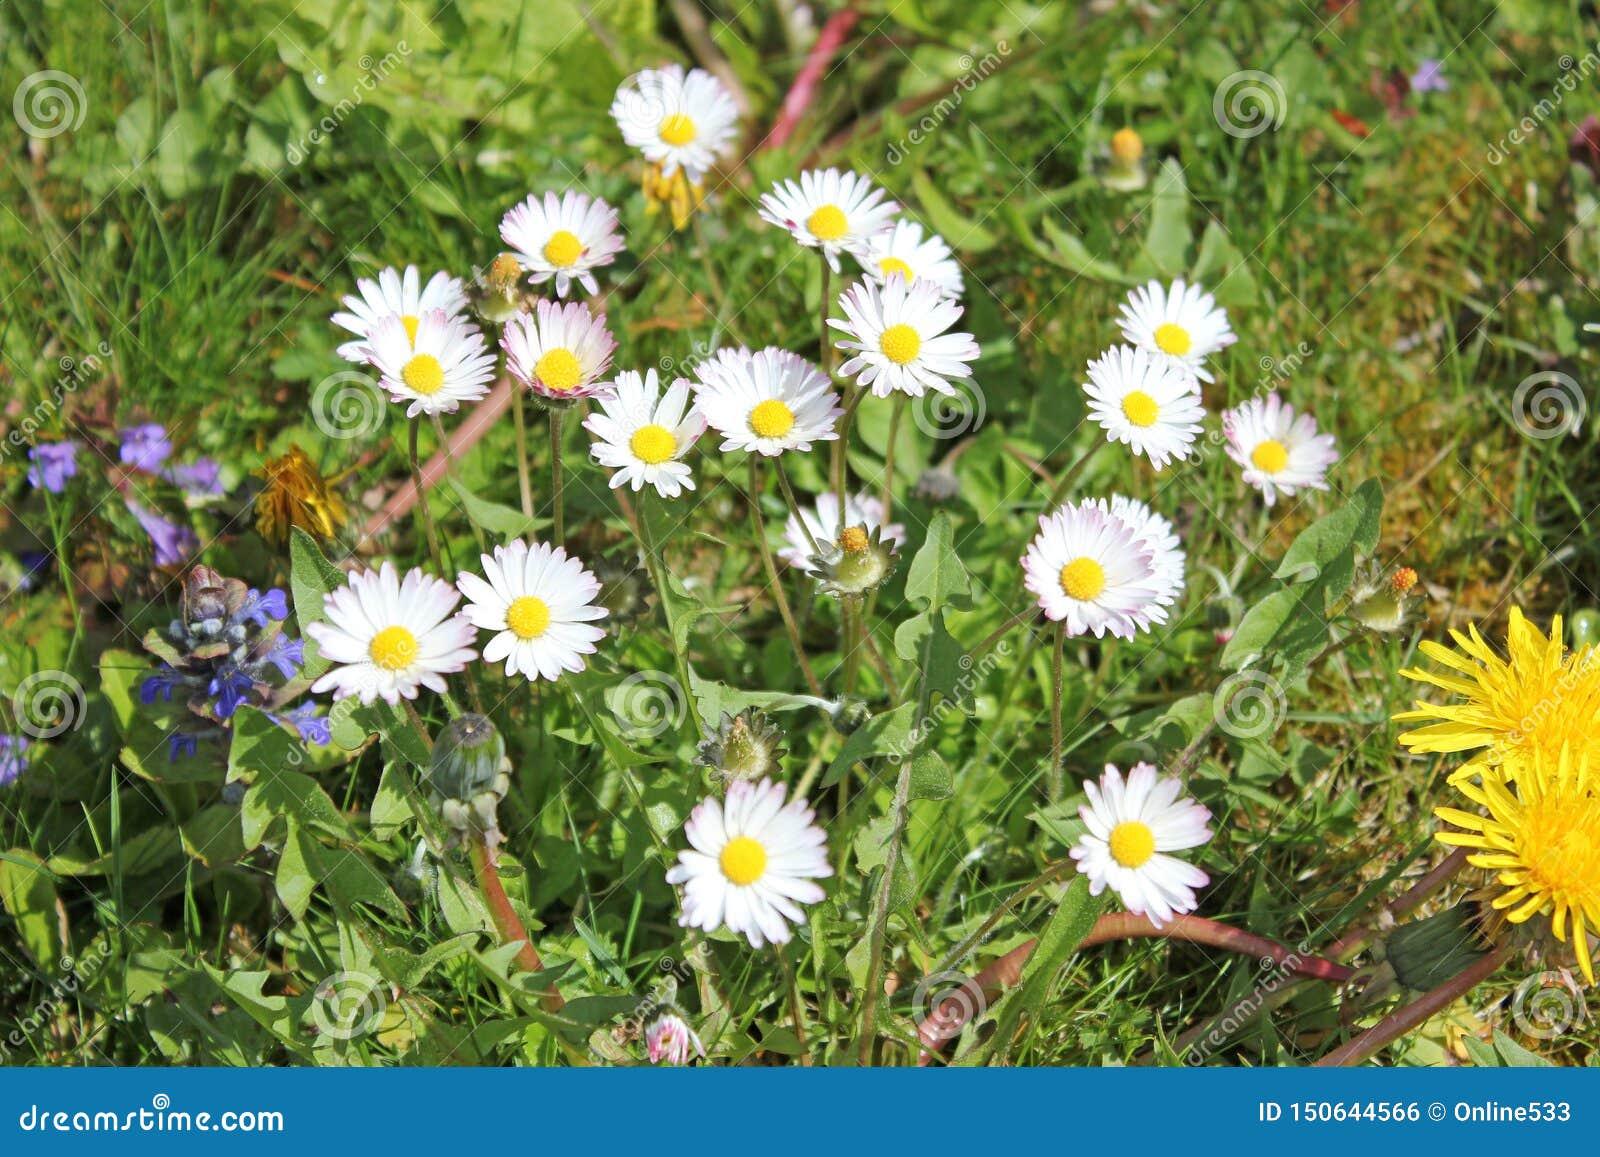 Wiese mit Gänseblümchen im Sommer